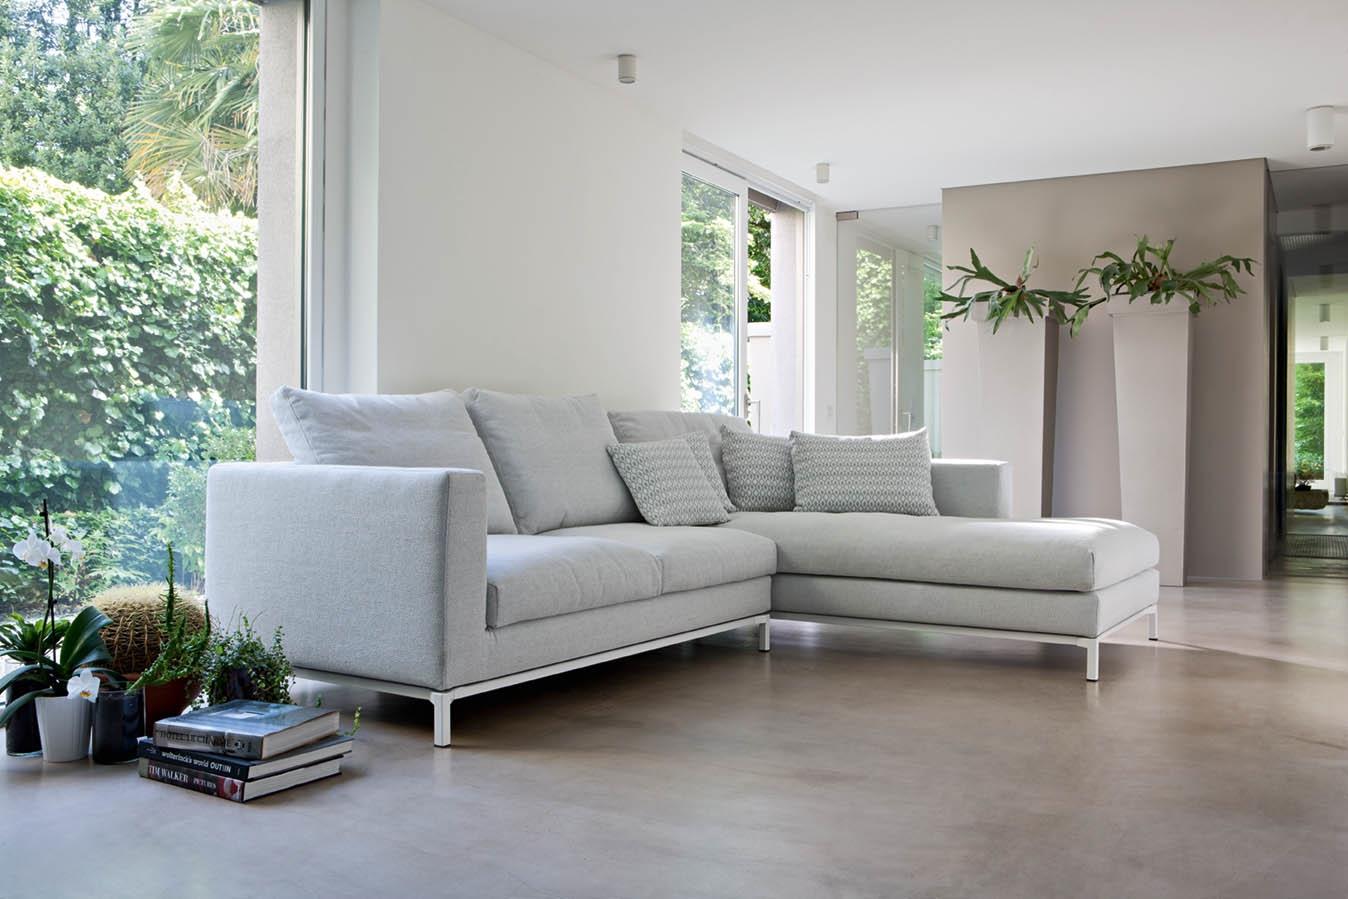 Divano colle divano con penisola divani a prezzi scontati for Divani moderni con penisola